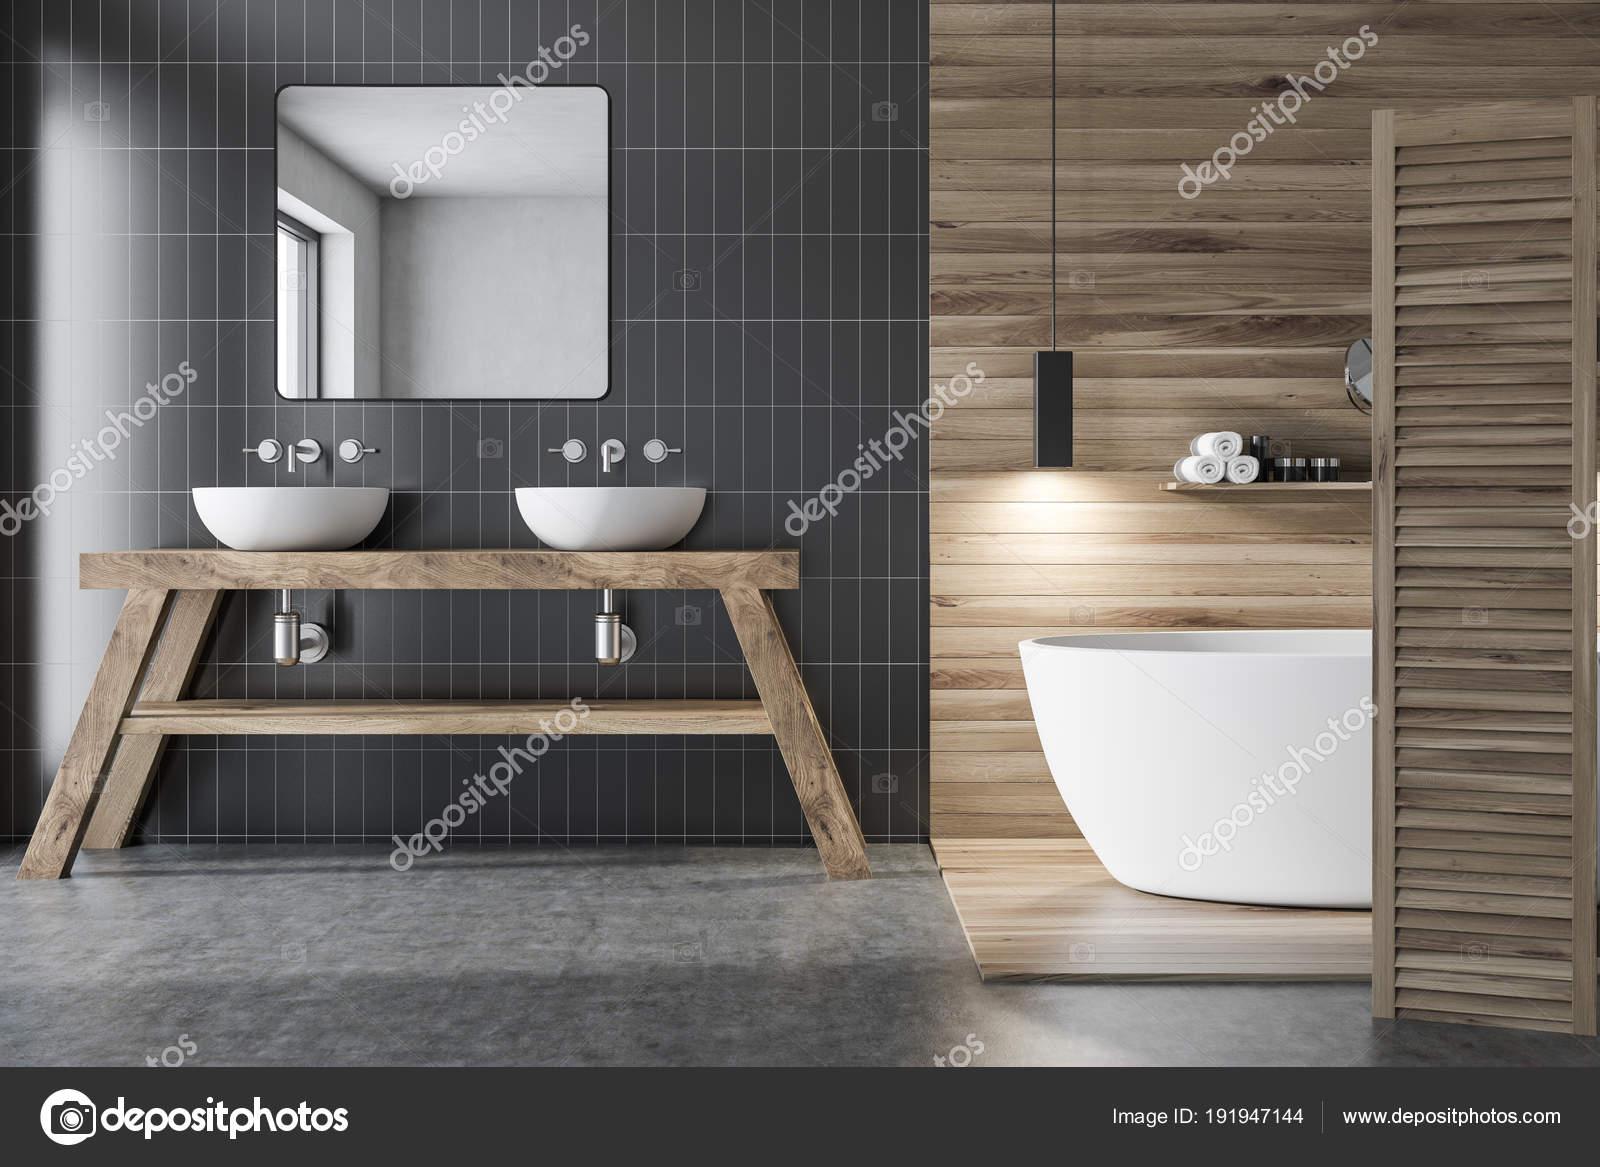 Bagno Legno E Grigio : Bagno grigio e legno u2014 foto stock © denisismagilov #191947144